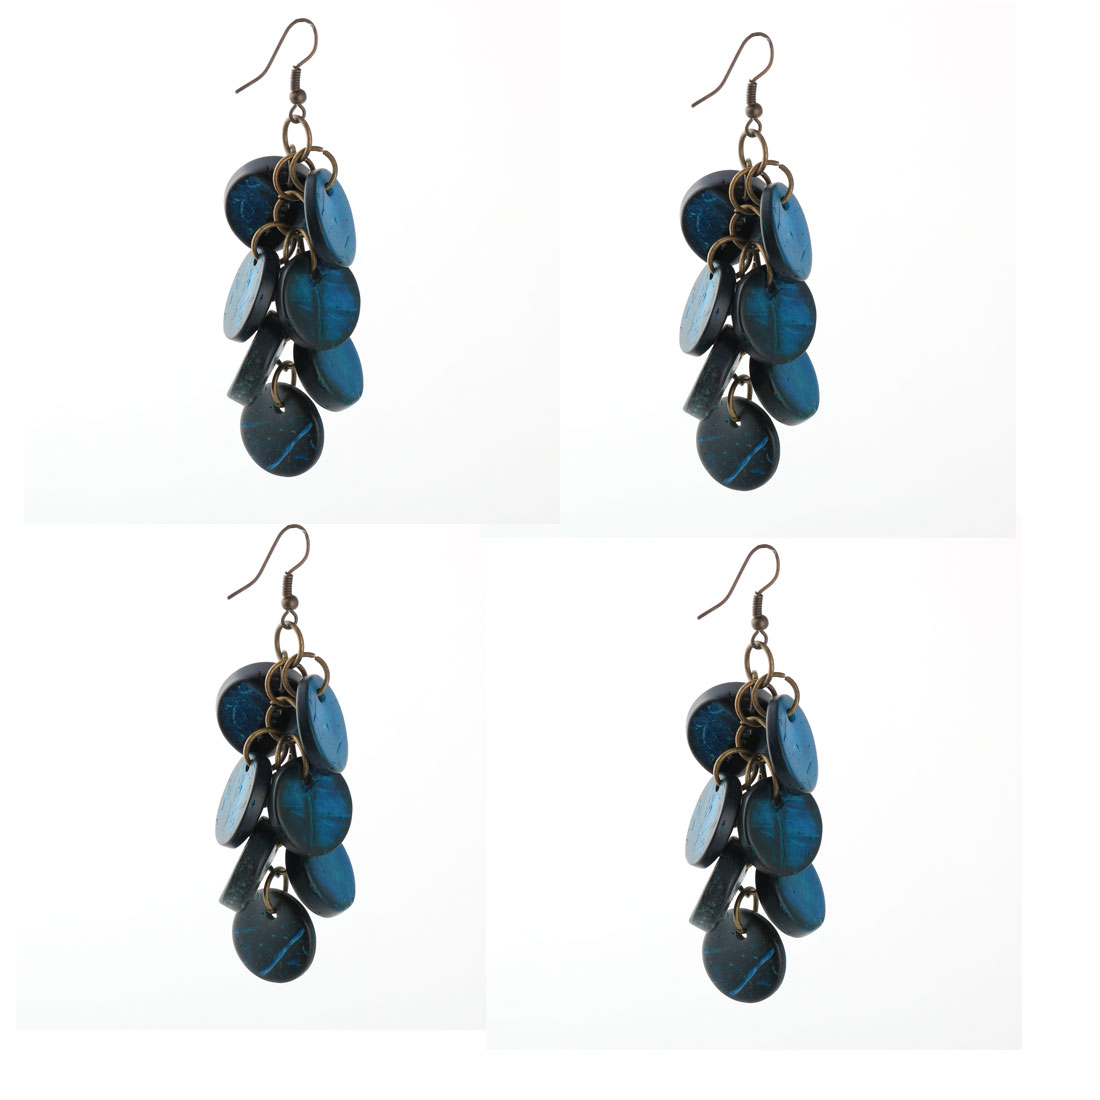 Lady Grape Design Beaded Decor Pendant Ear Hook Danglings Earrings 2 Pairs